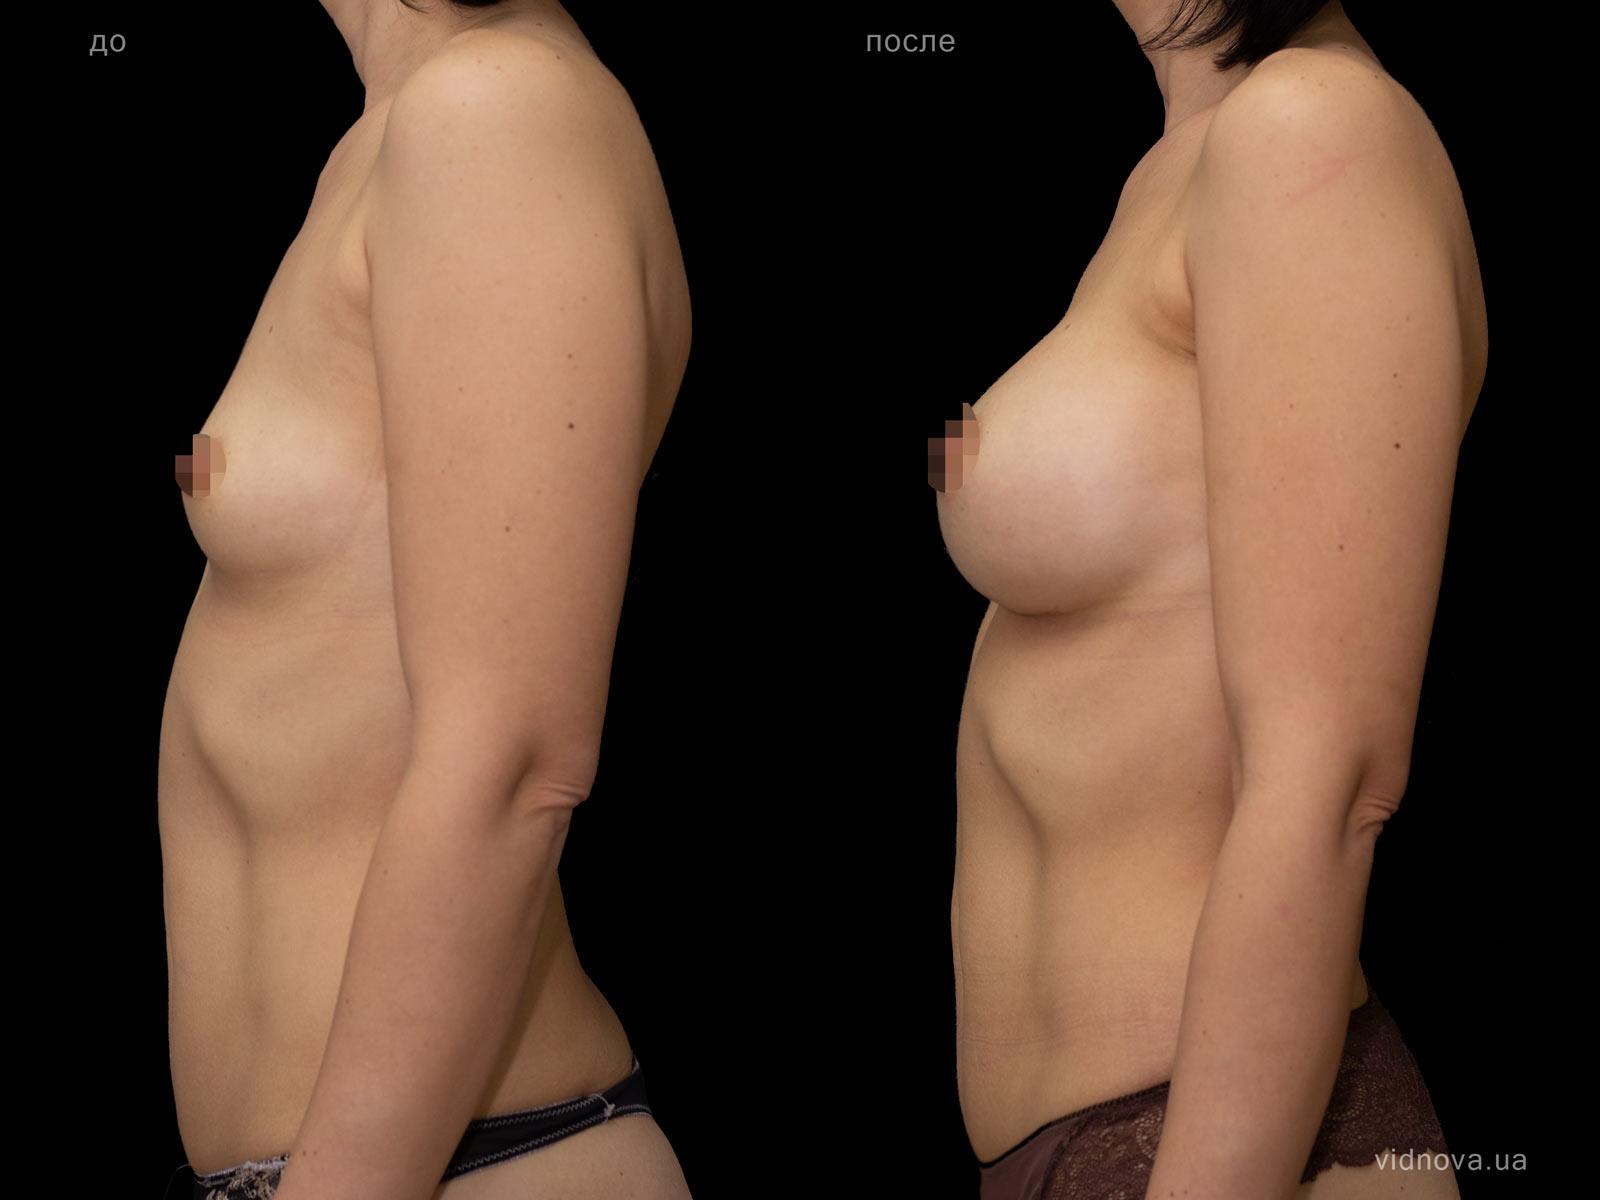 Пластика груди: результаты до и после - Пример №101-2 - Светлана Работенко